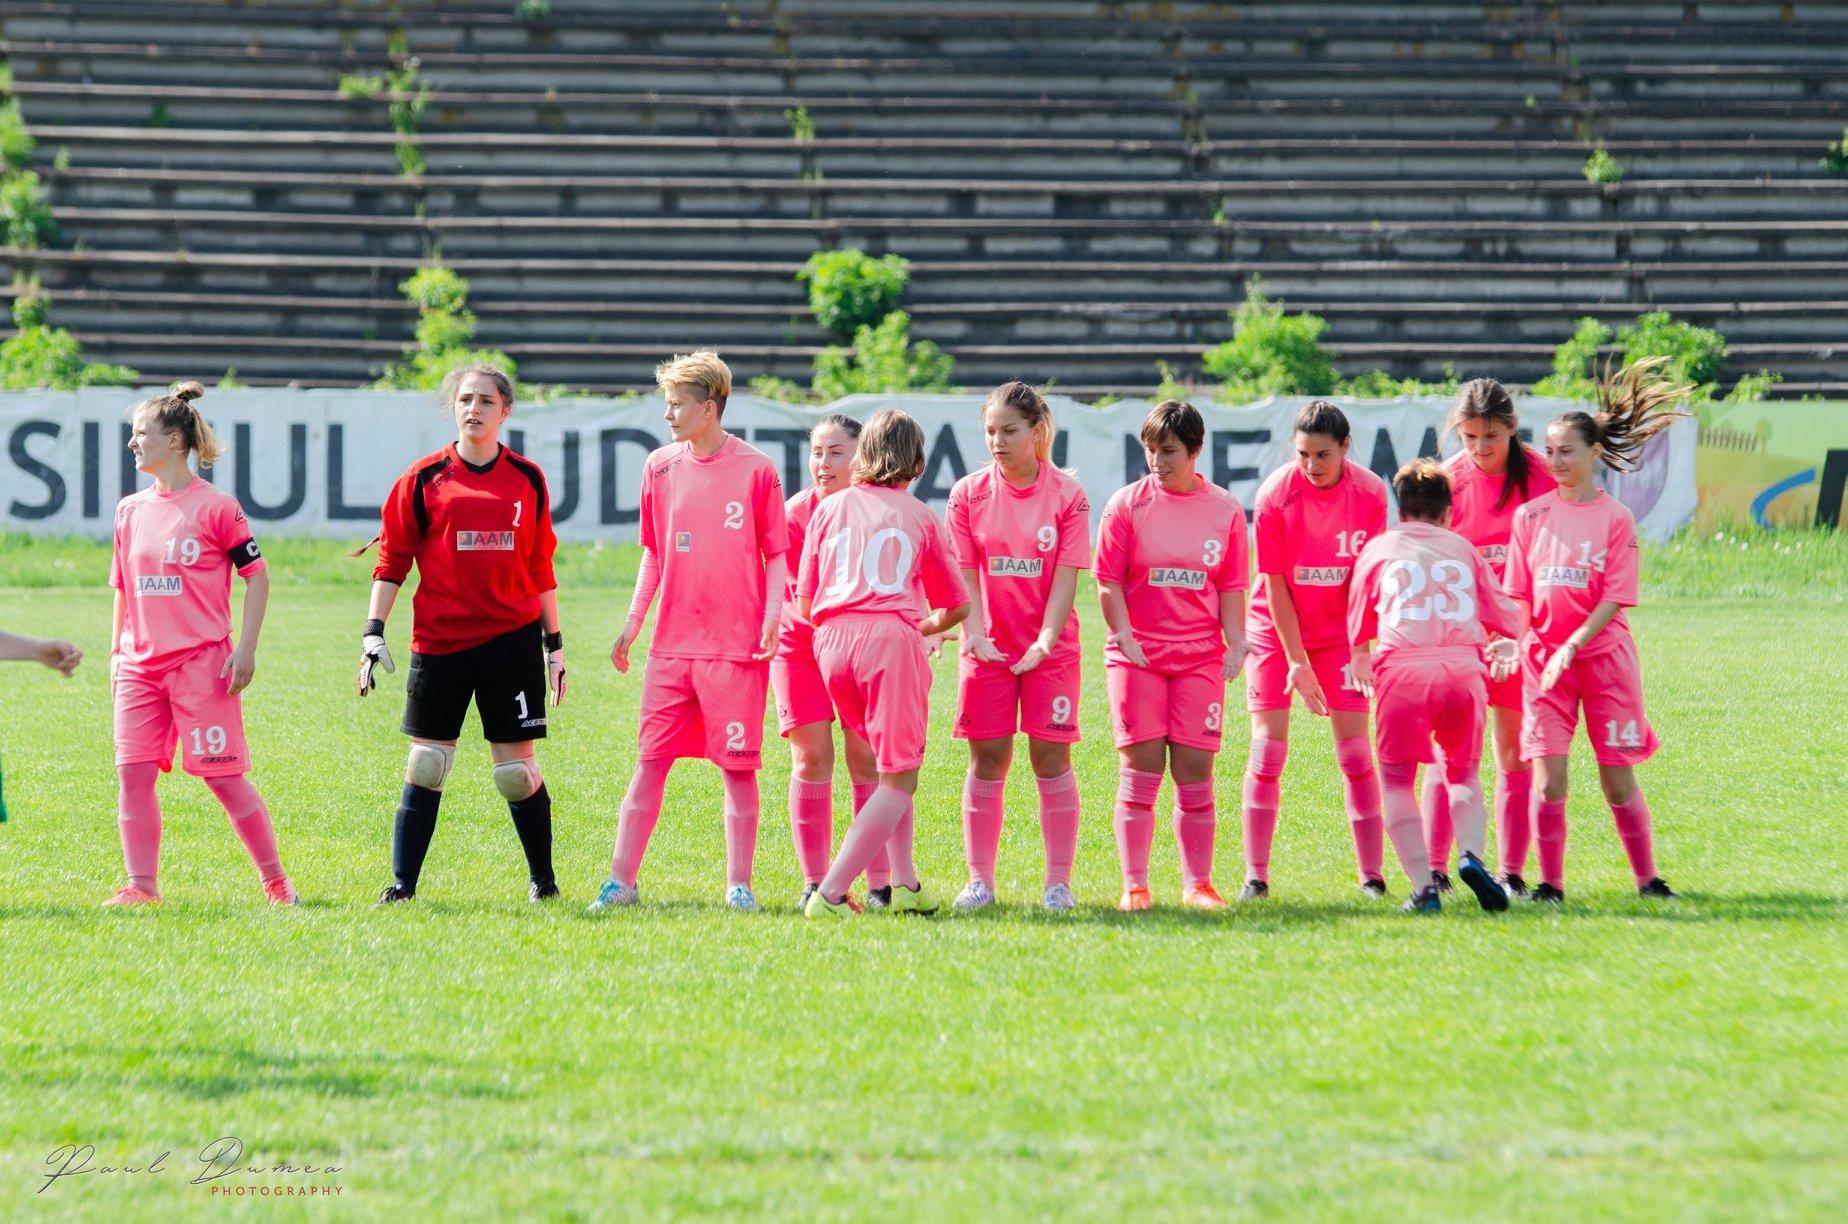 Echipa romașcană de fotbal feminin Vulpițele Galbene a terminat campionatul cu victorii pe linie